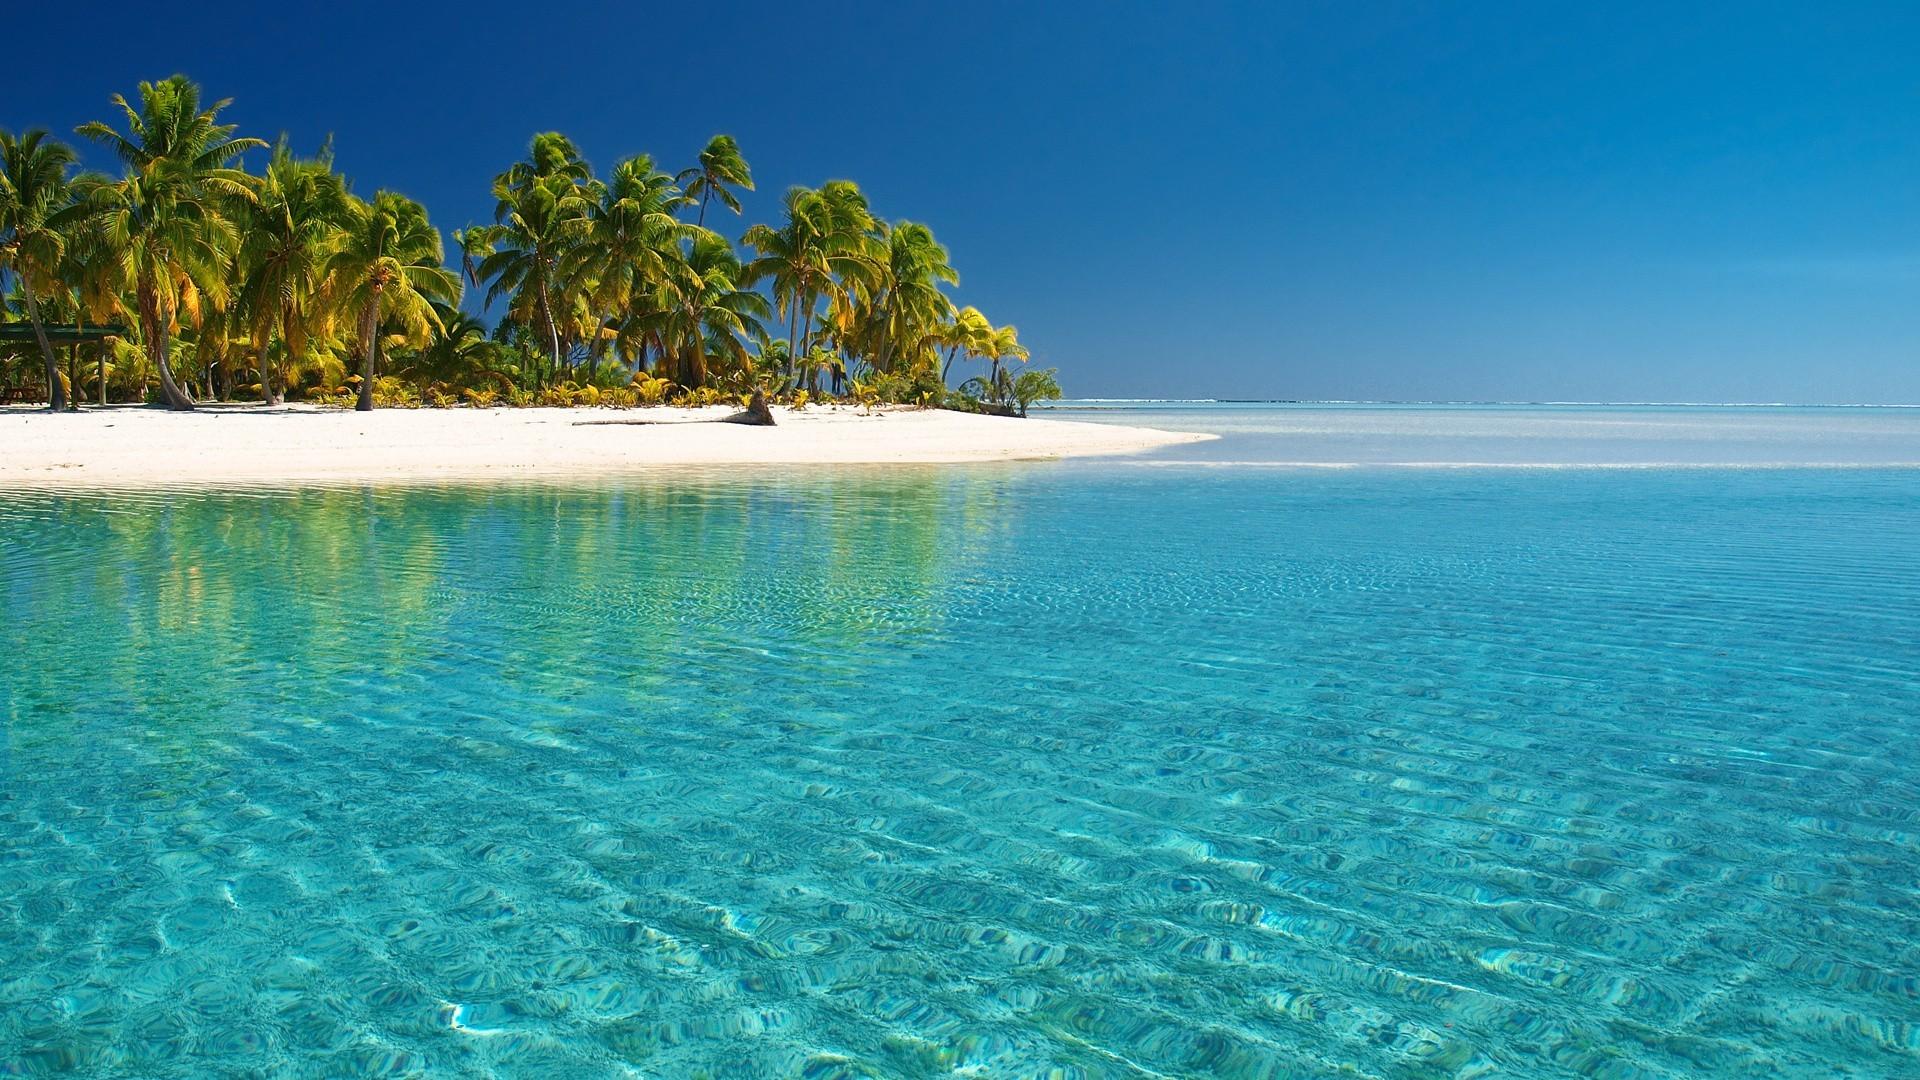 Funny Summer Wallpaper Desktop - Tropical Beach Desktop Background - HD Wallpaper